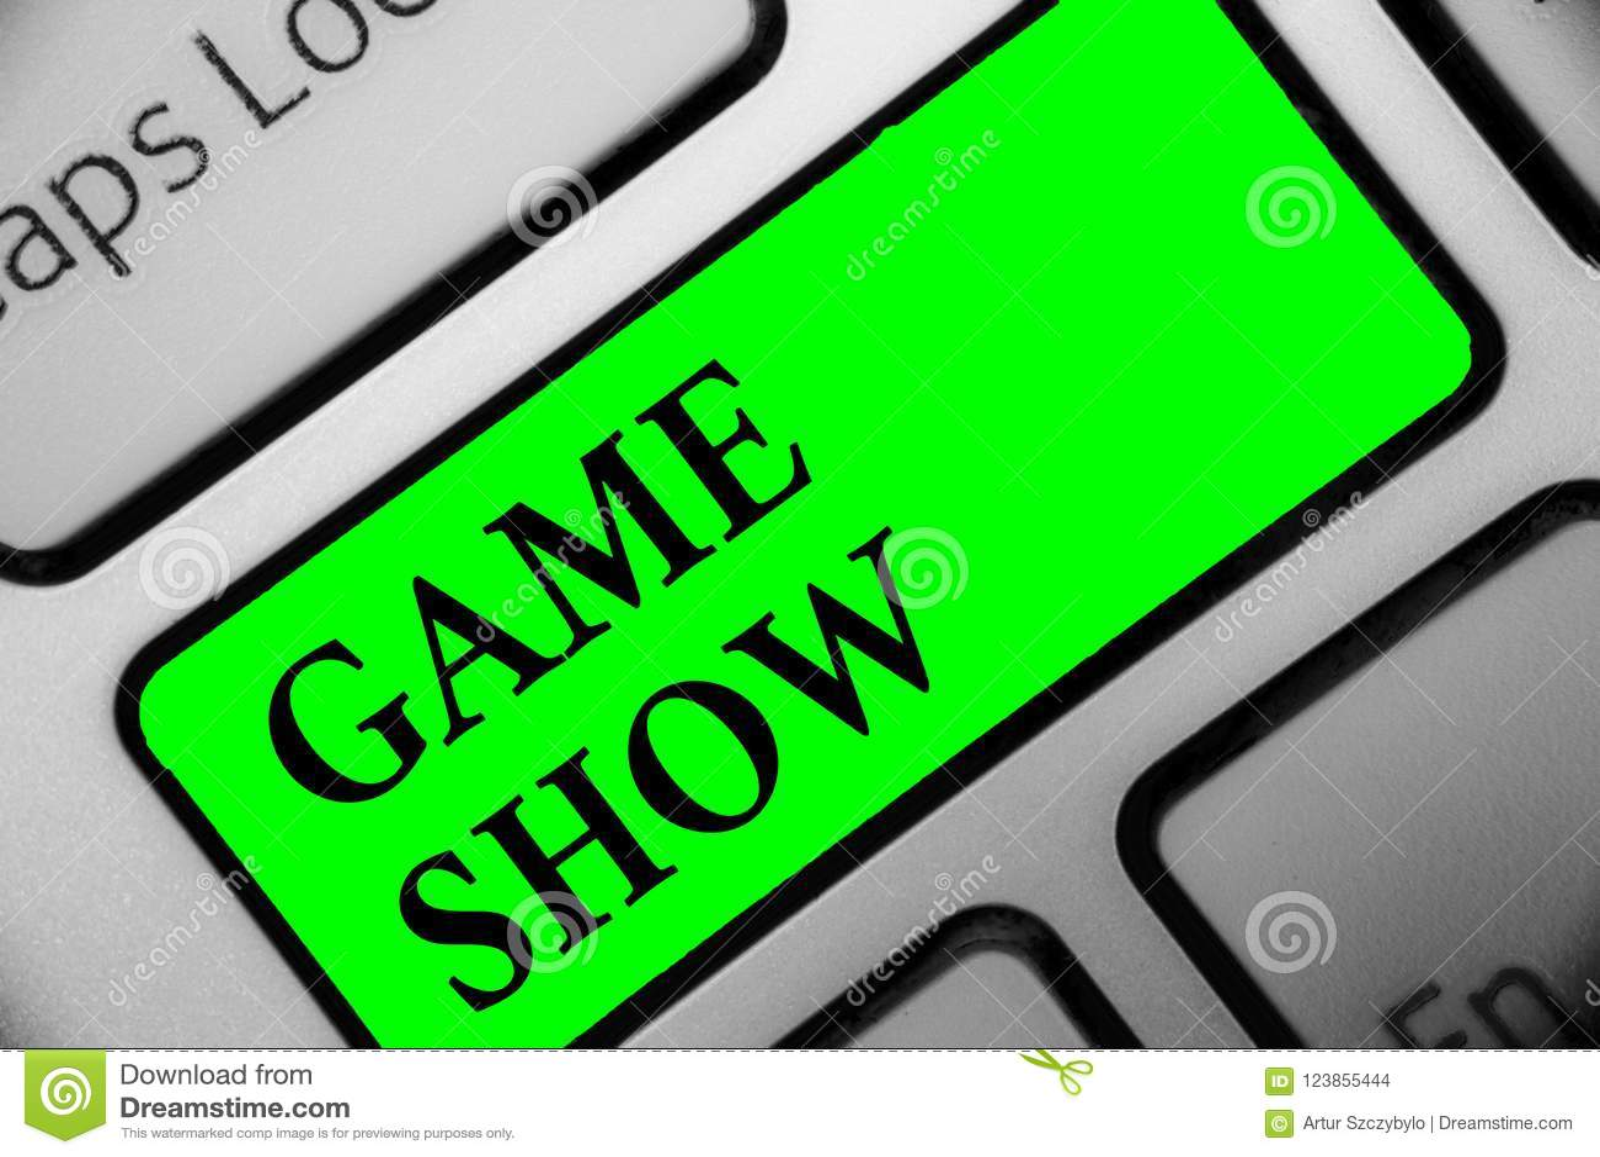 Exposition de jeu des textes d écriture Programme de signification de concept dans la télévision ou la radio avec les joueurs qui